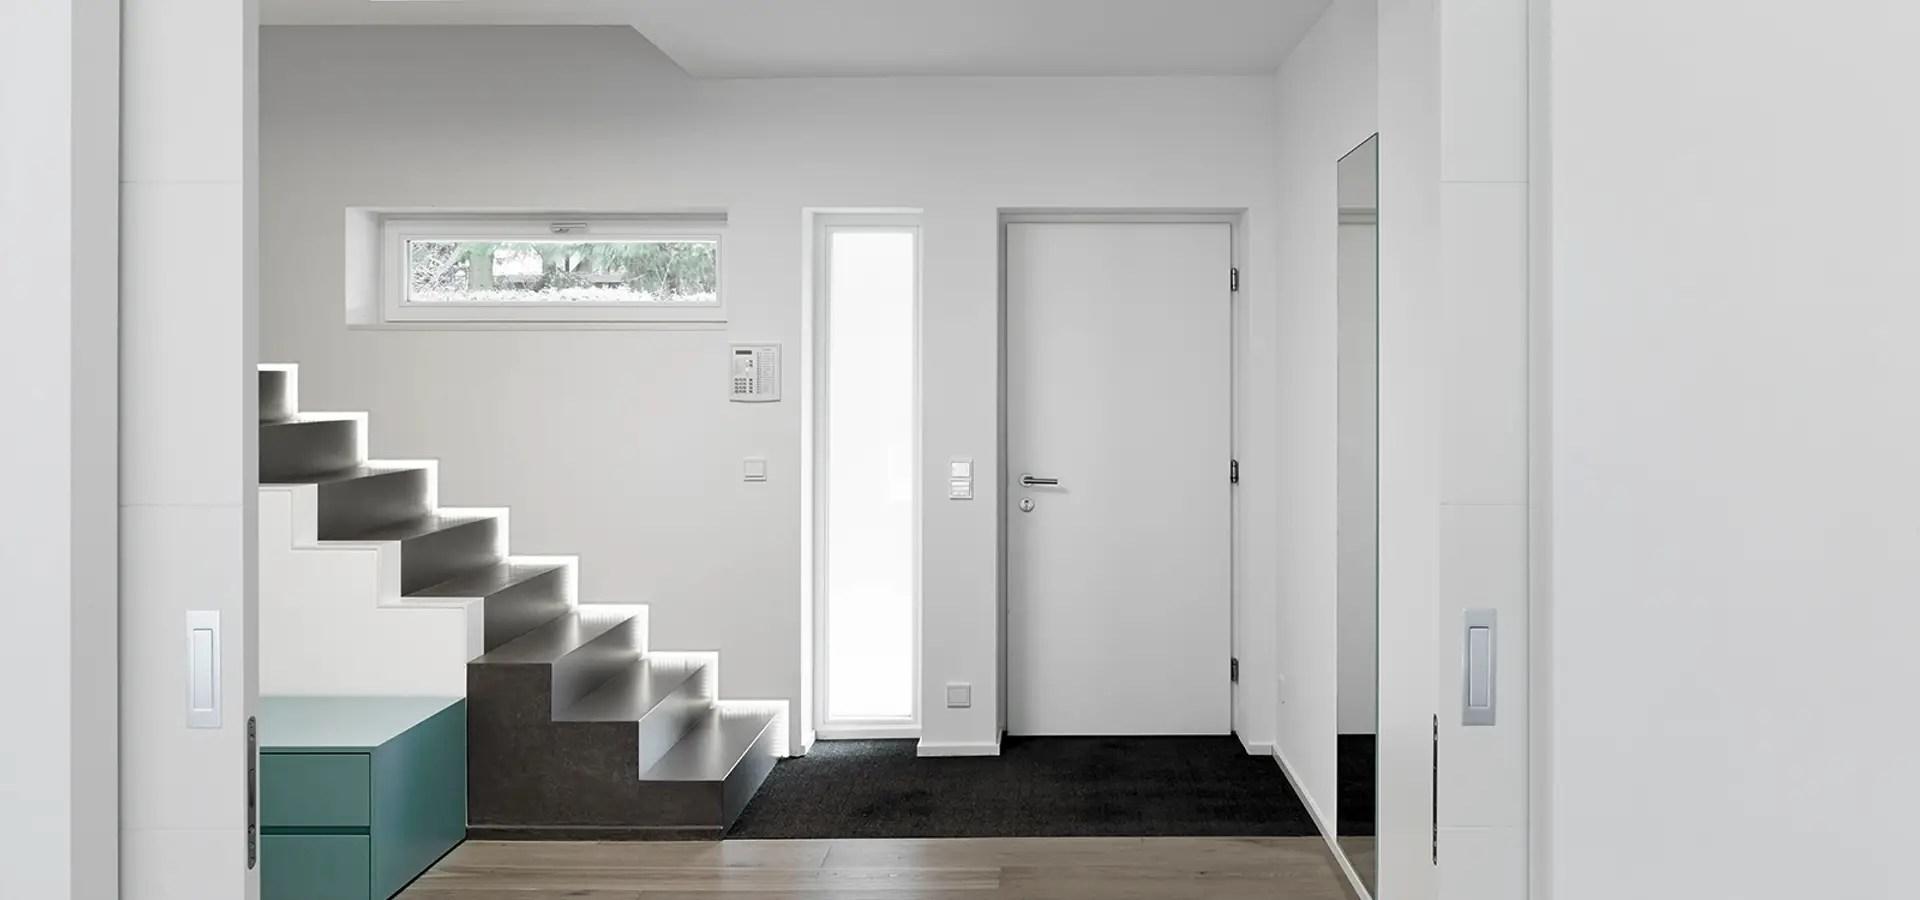 Gestaltung Flur Einfamilienhaus Led Leuchten Treppenhaus